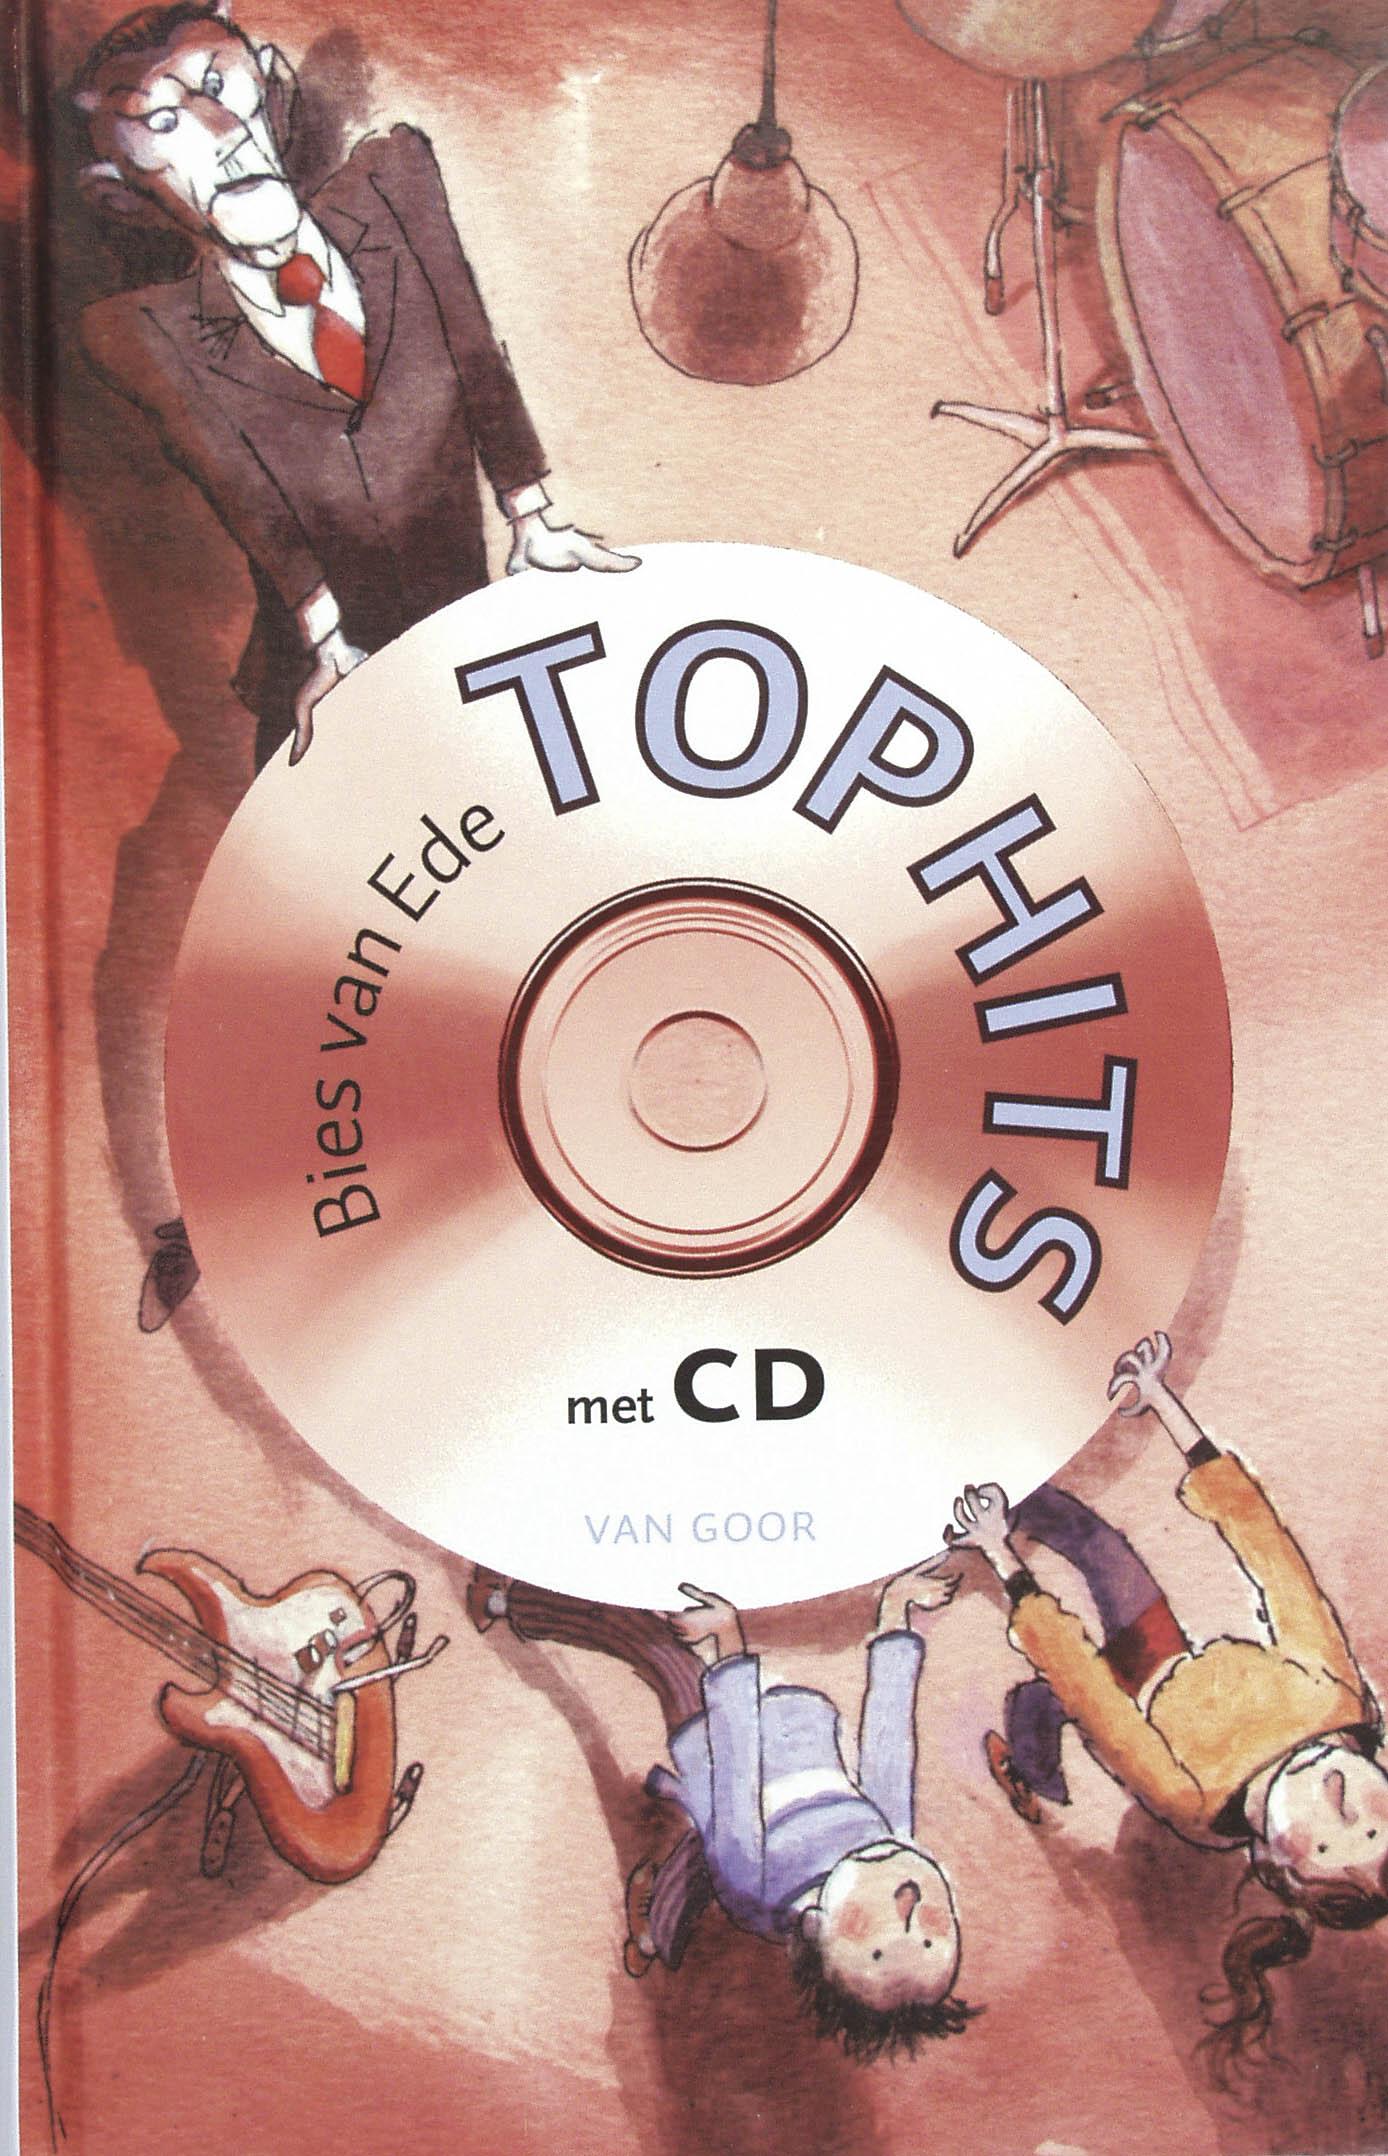 Tophits met CD